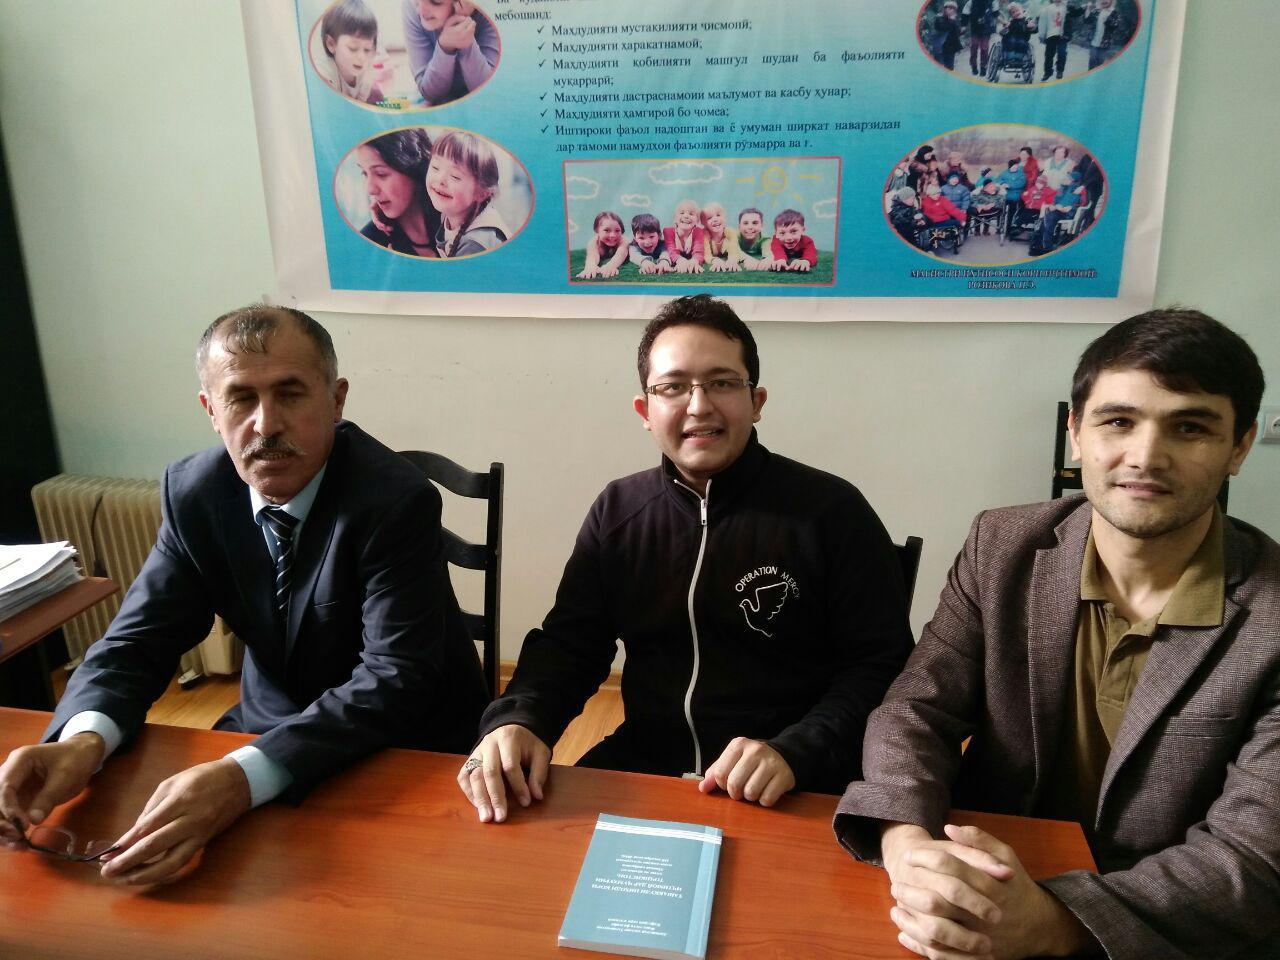 دیدار با انجمن تاجیکستان